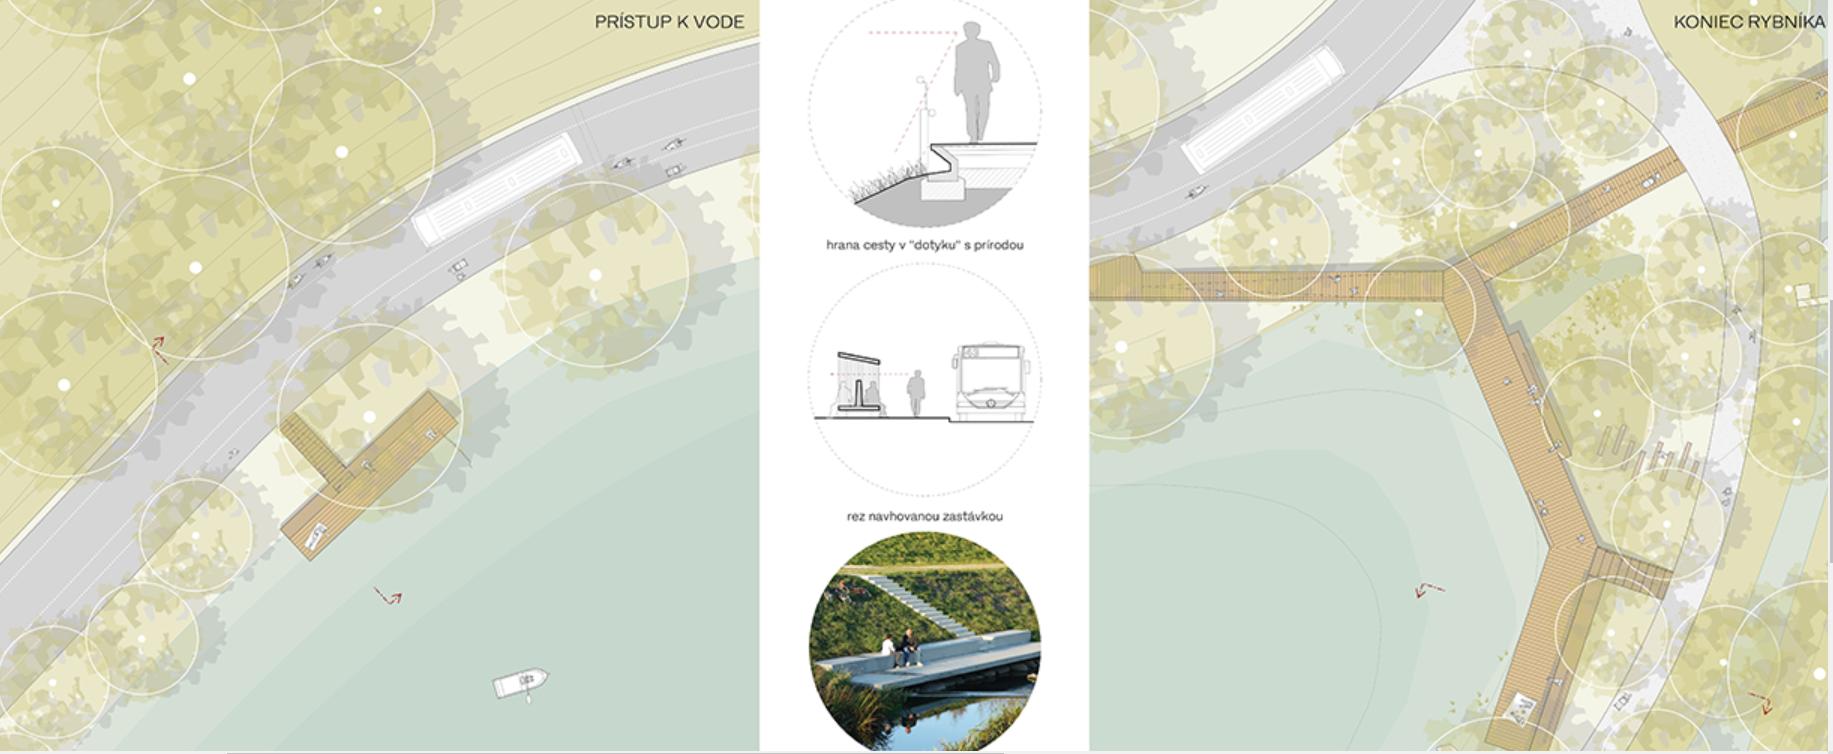 Železná studnička po modernizácii - navrhovaný prístup k vode / Zdroj: MIB